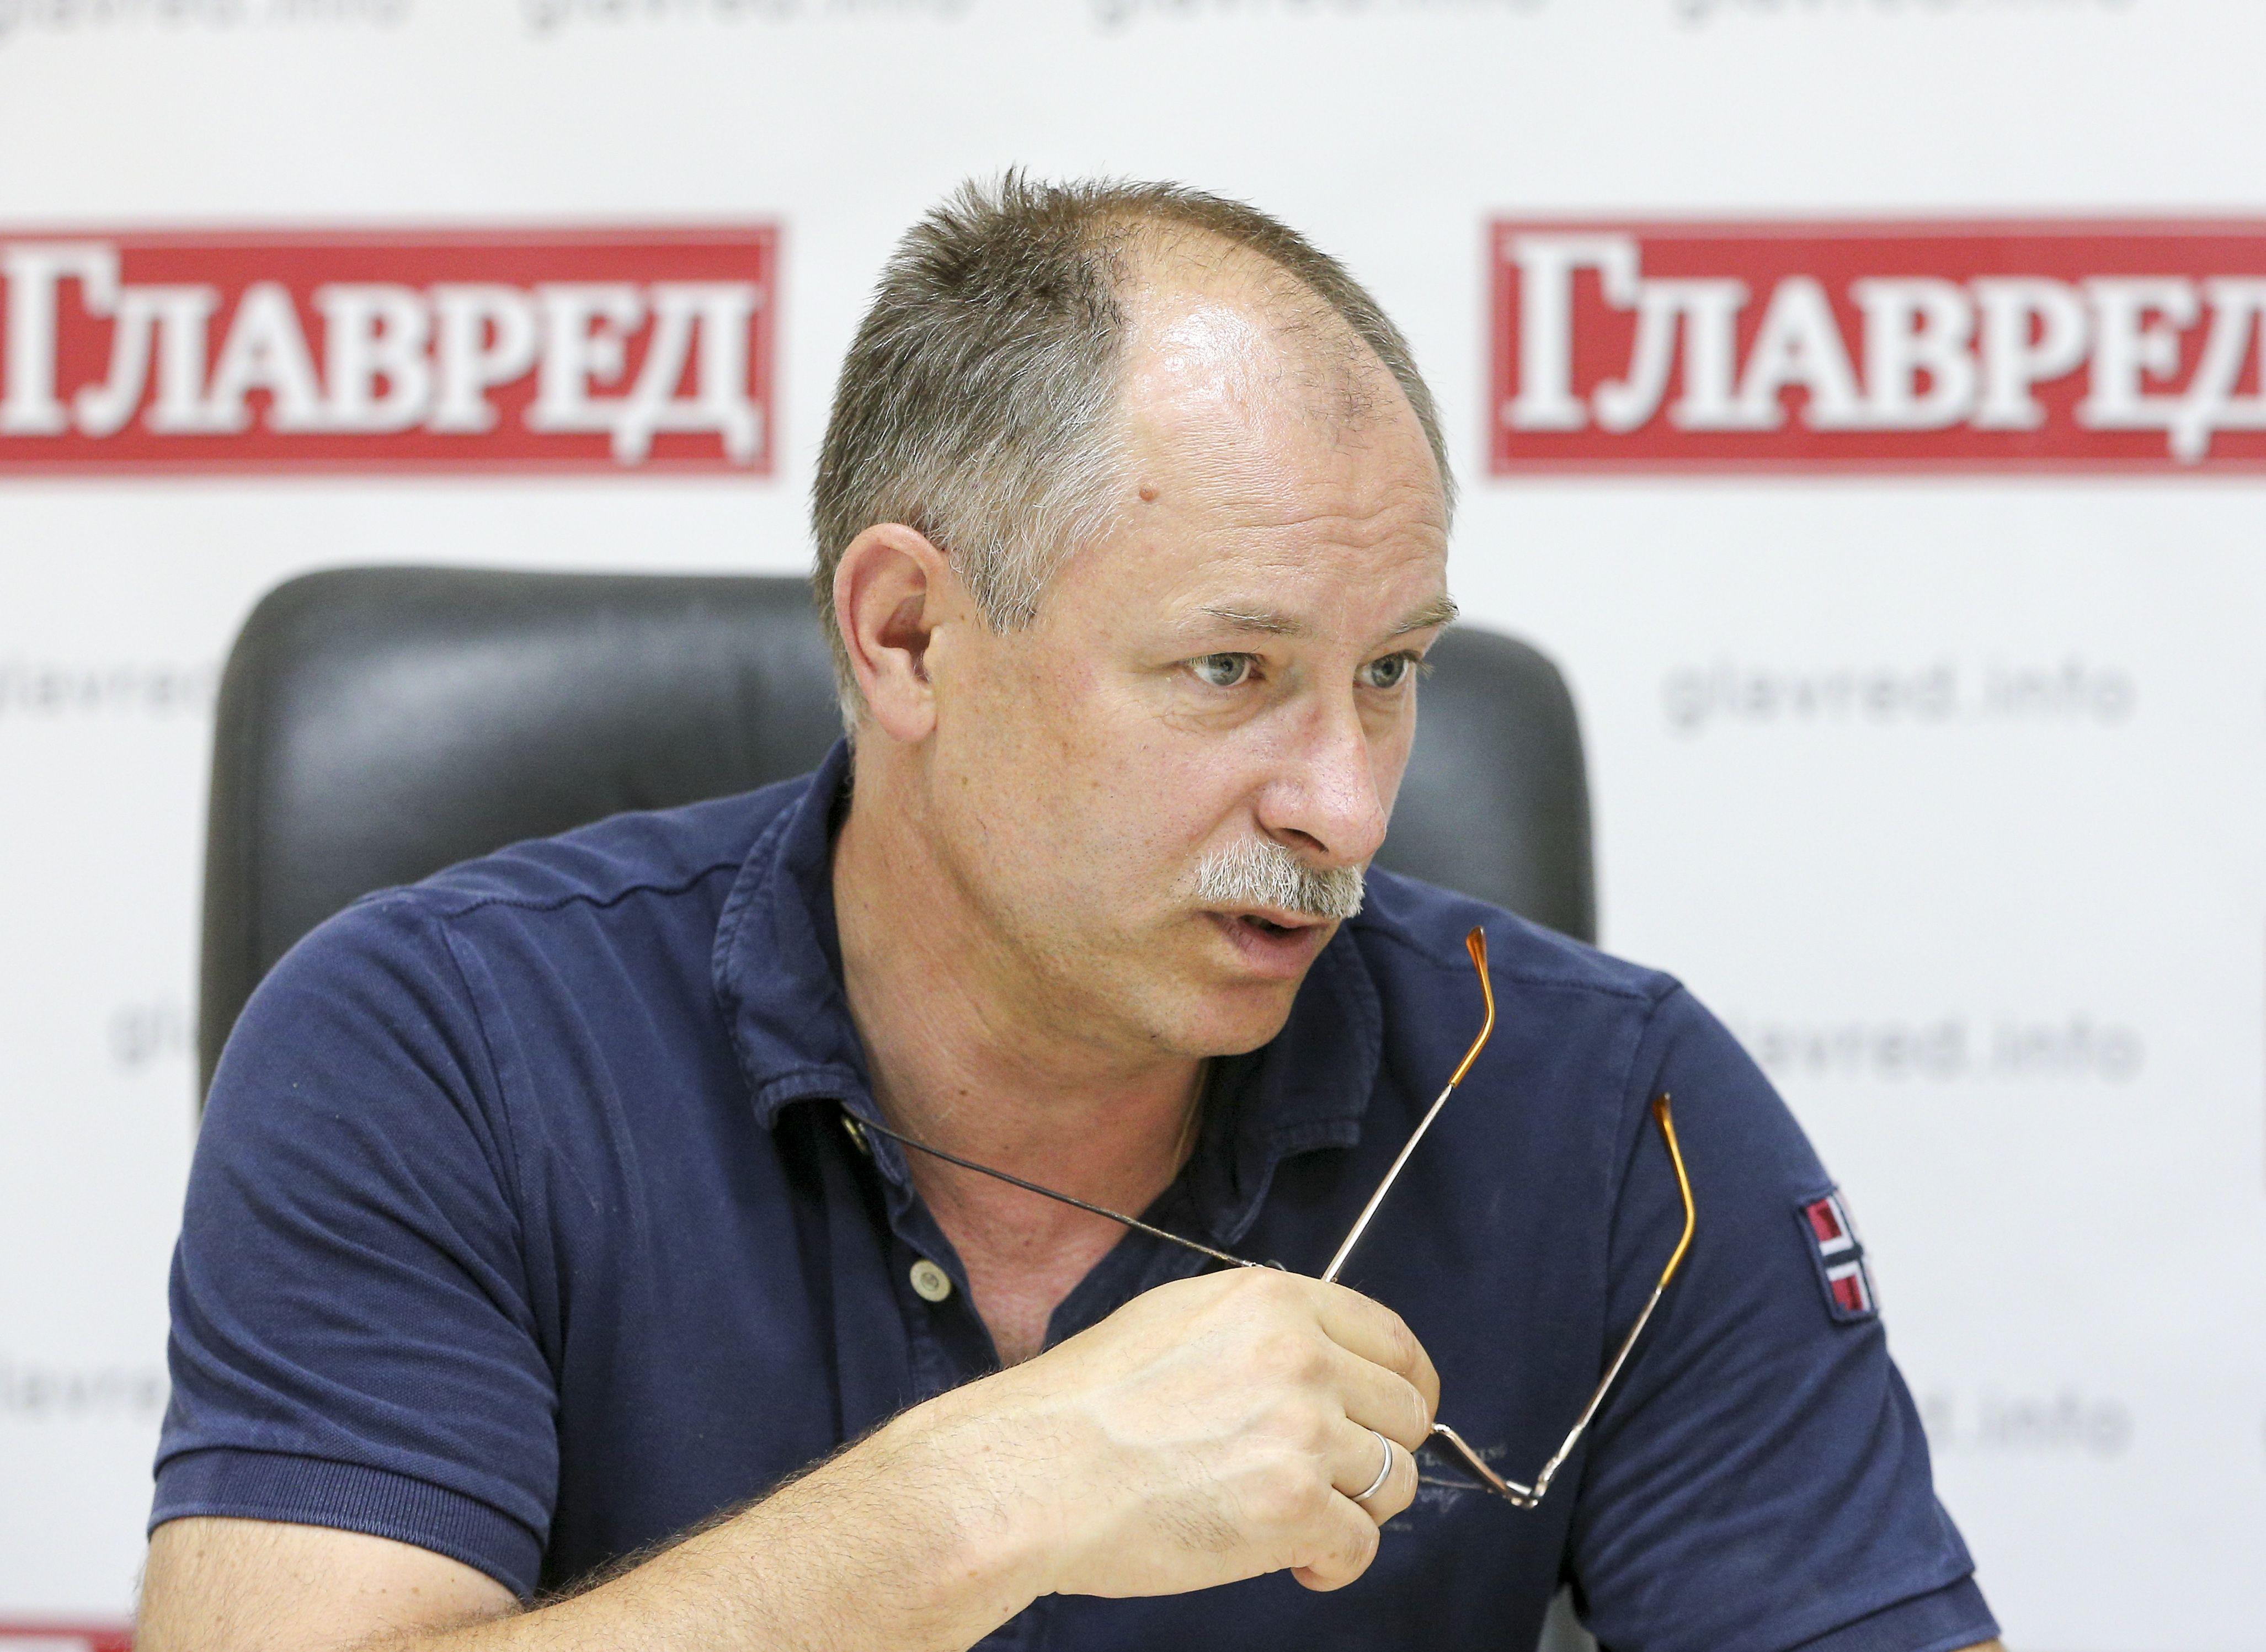 Крым и Донбасс могут вернуться в Украину при единственном условии, считает Олег Жданов - Возвращение Крыма в Украину